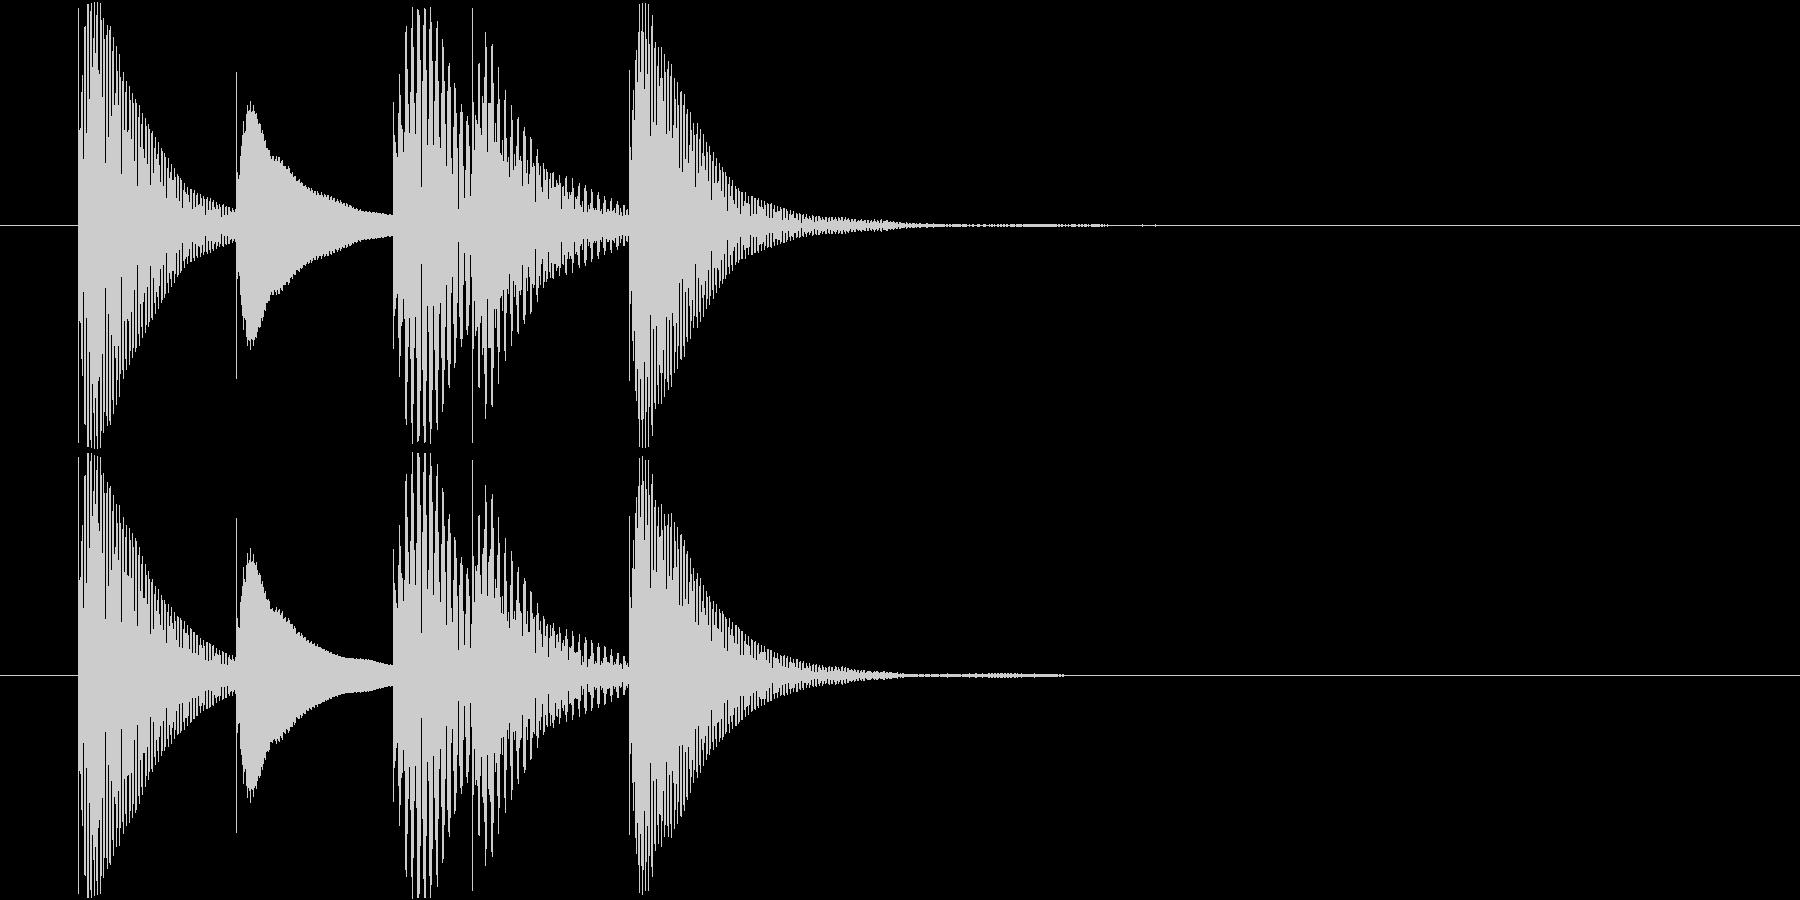 マリンバのアイテム入手音 テレレレレン2の未再生の波形